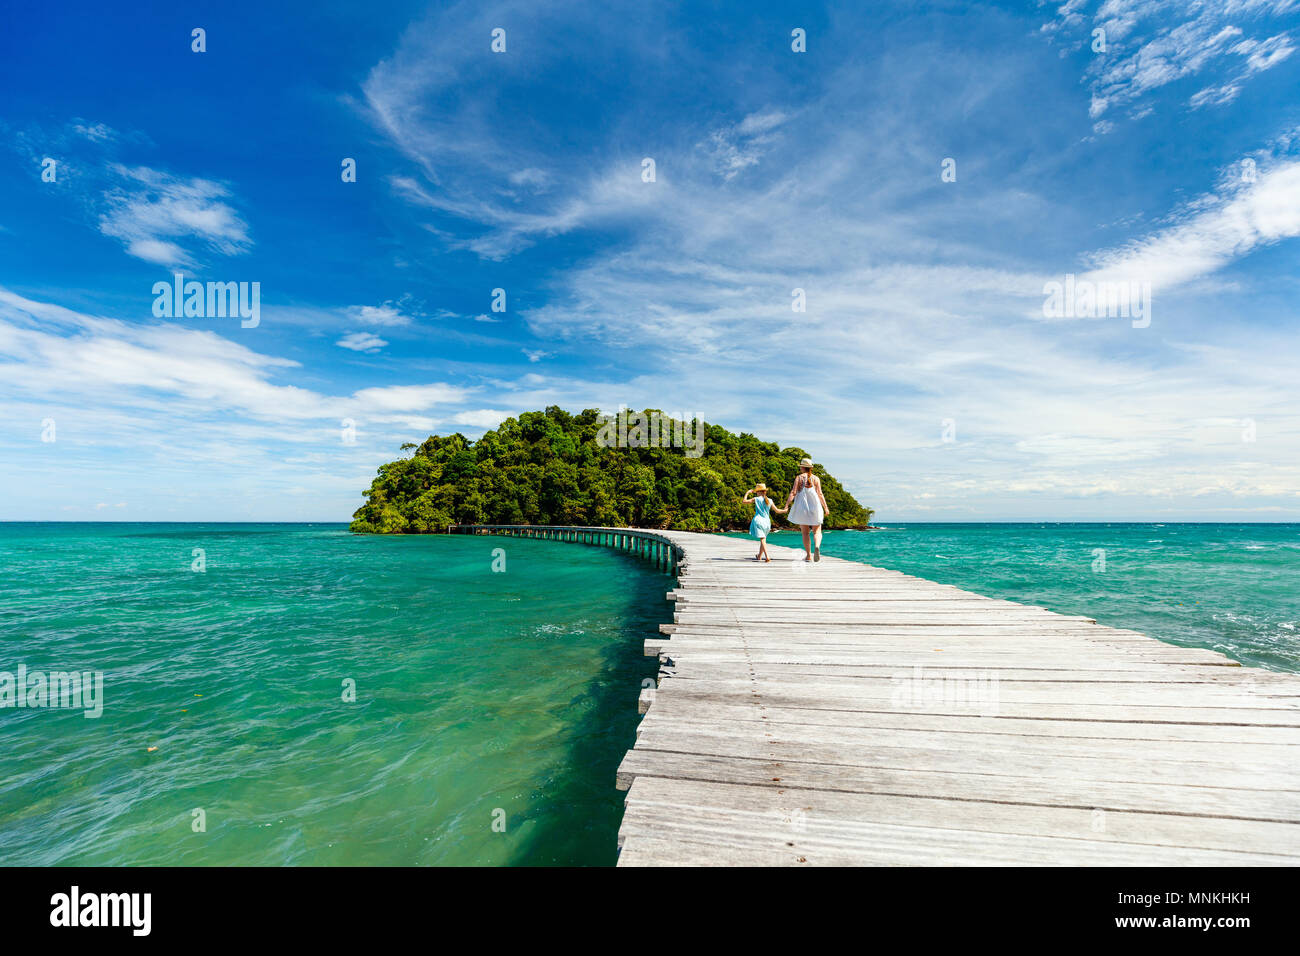 Sentier en bois menant à belle île tropicale au Cambodge Photo Stock